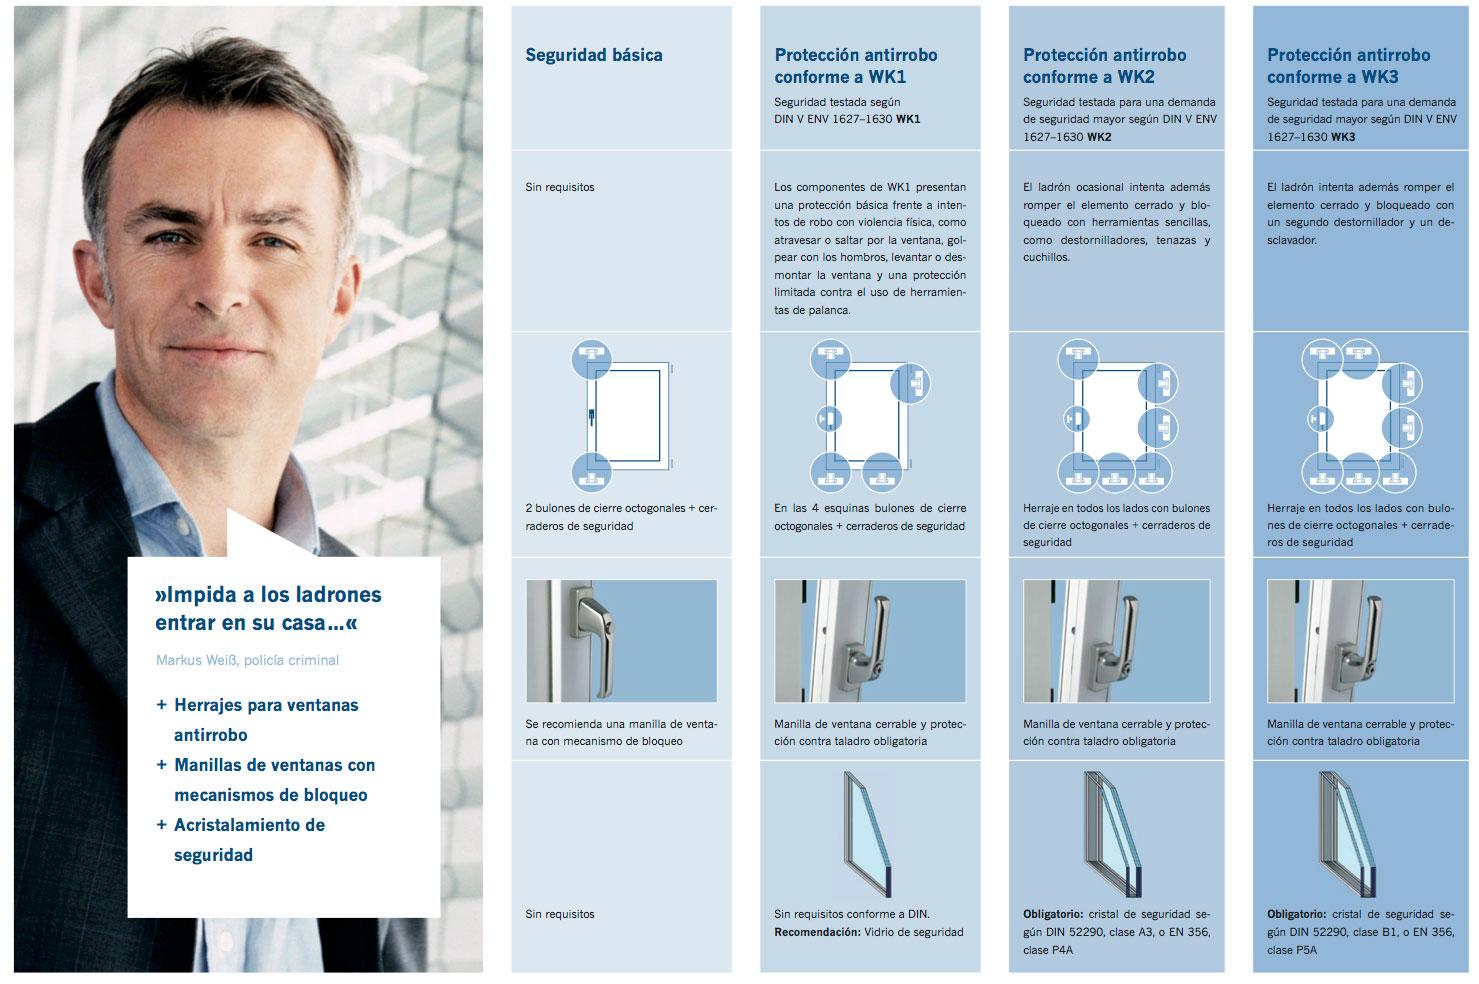 caracteristicas de seguridad cristales antirrobo